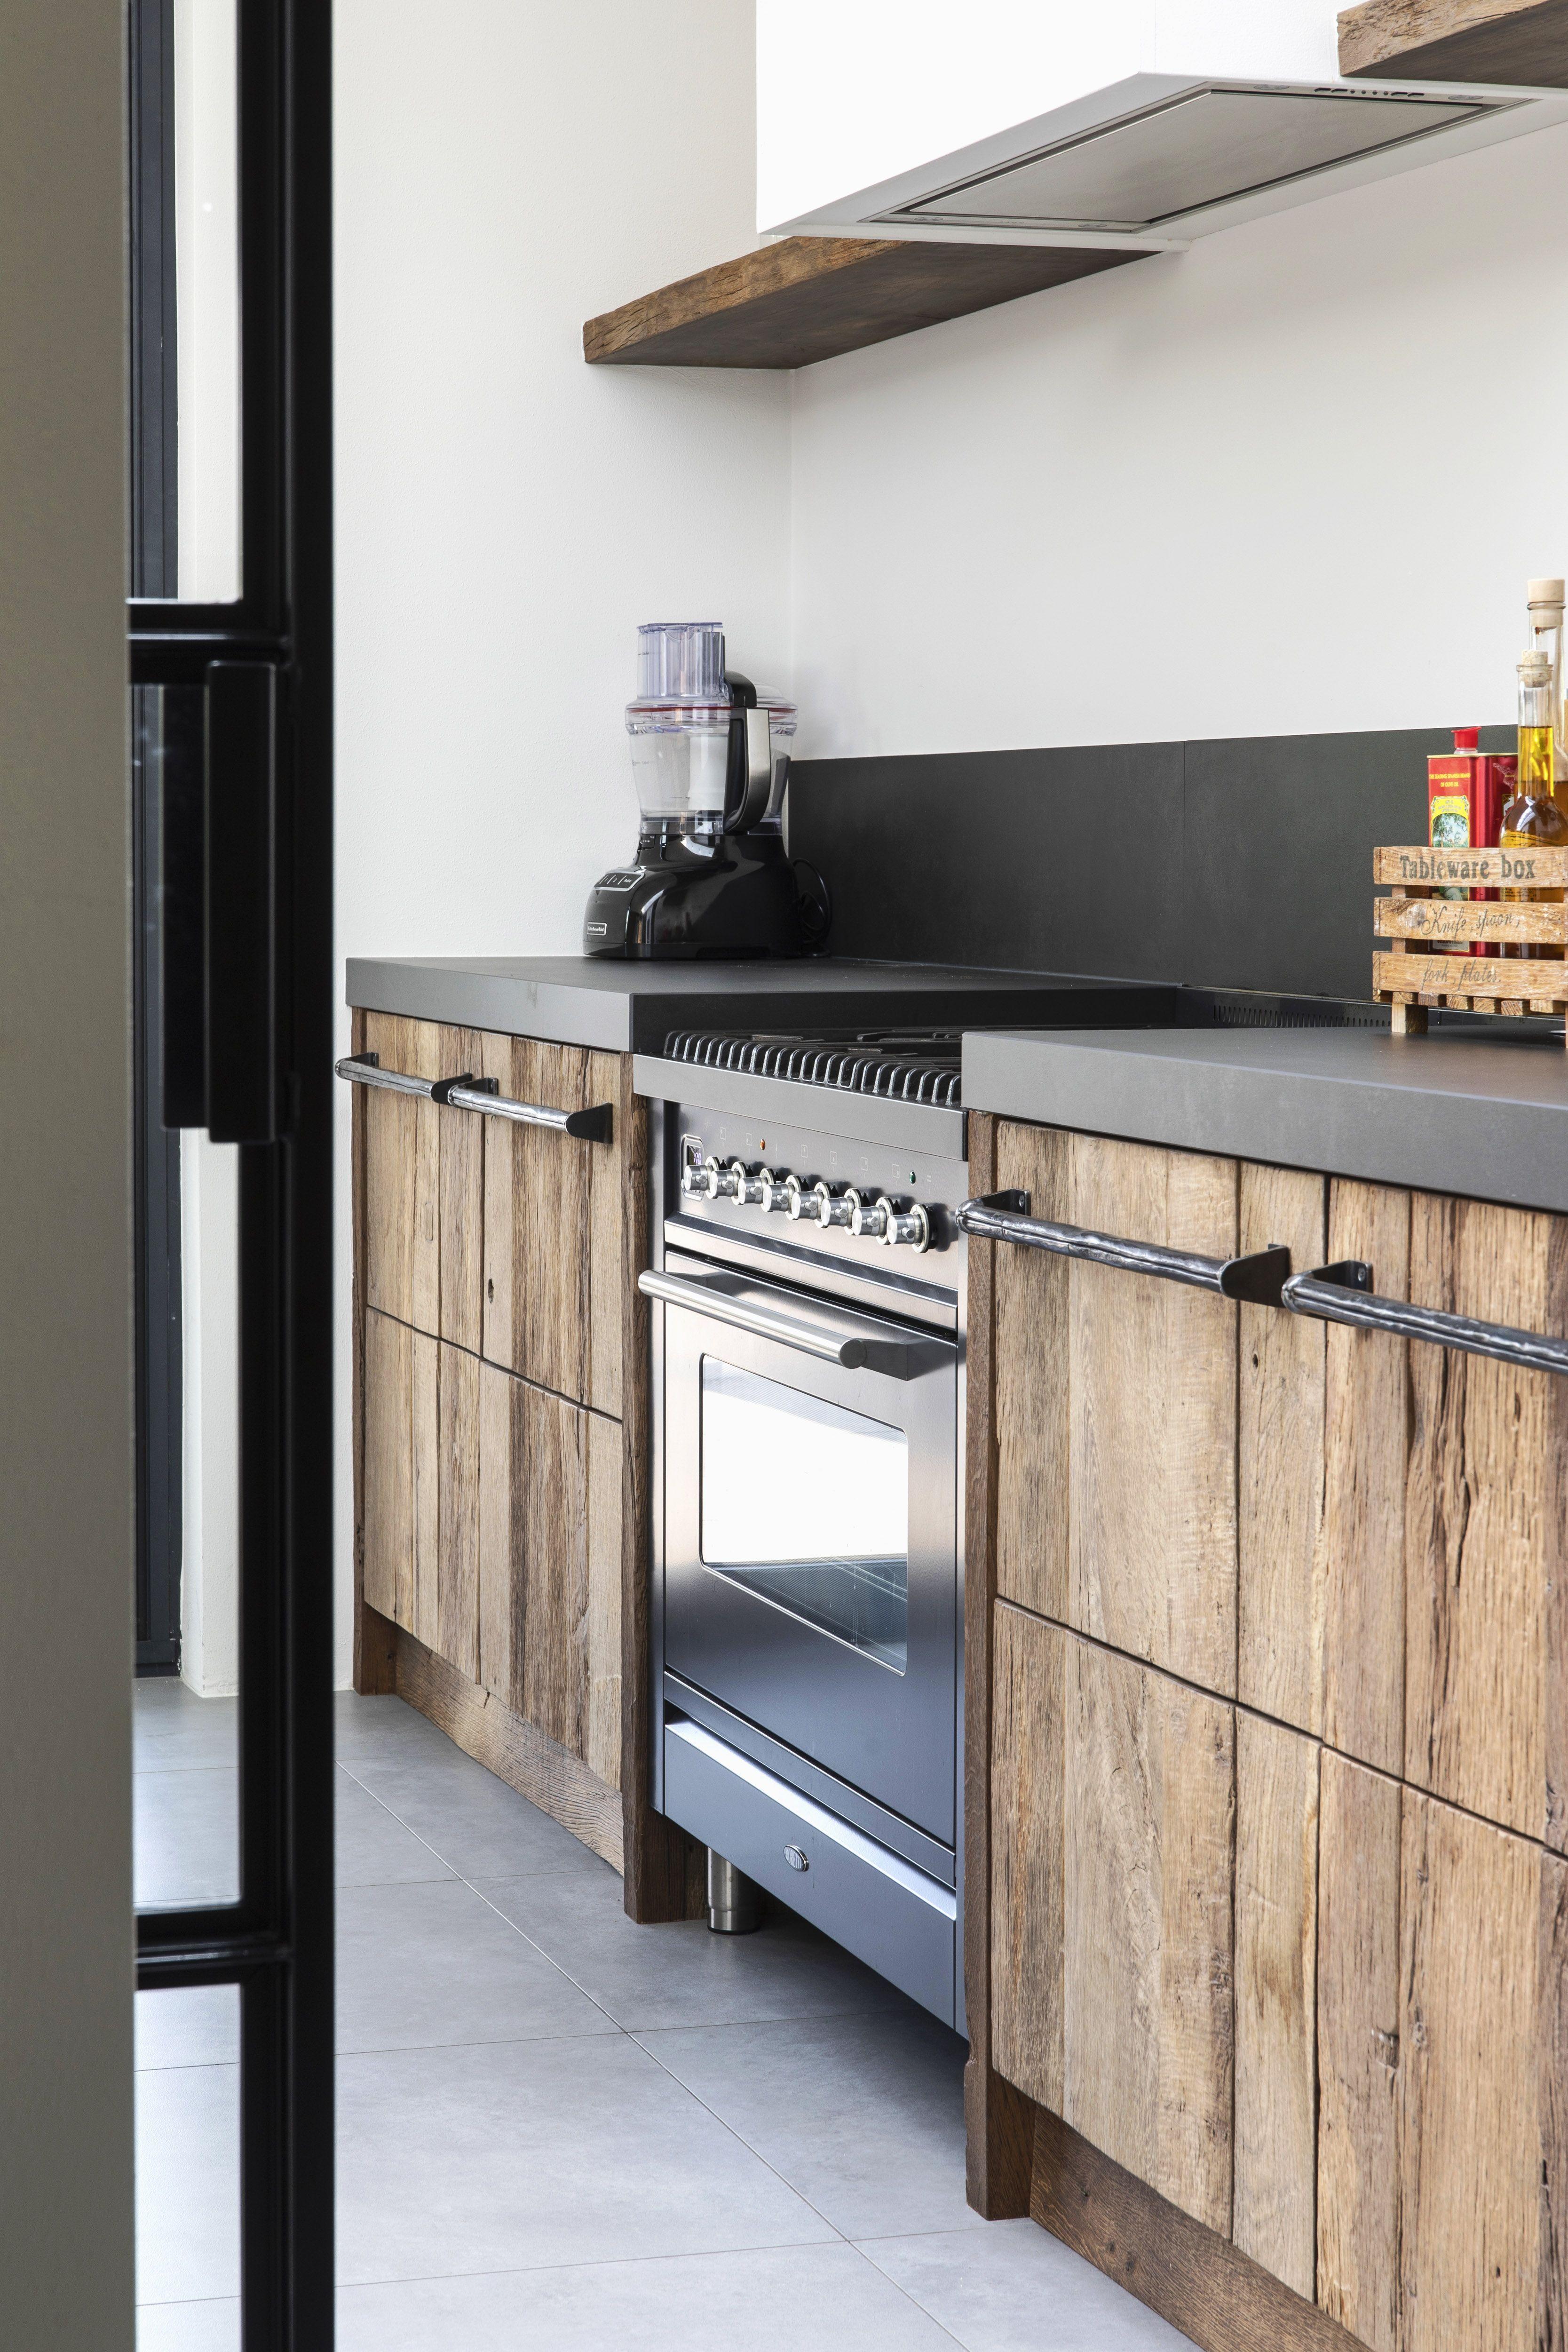 Unfinished Kitchen Island Base In 2020 Kitchen Interior Modern Kitchen Pantry Kitchen Design